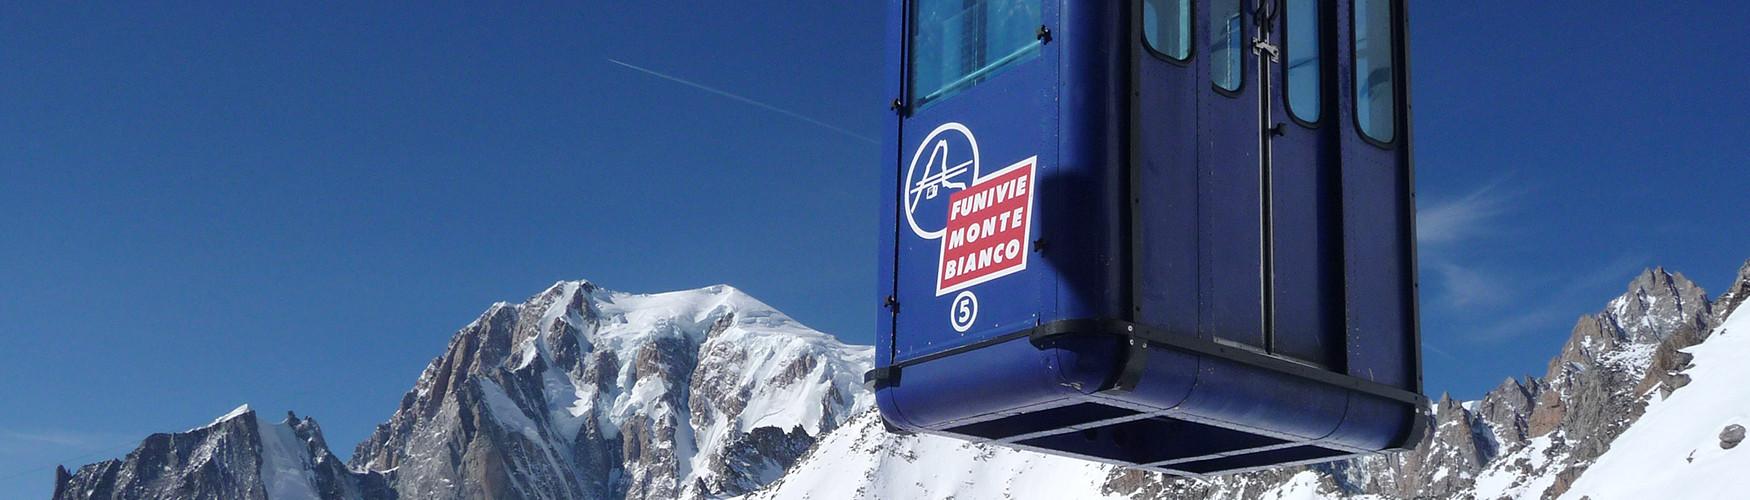 Freeride Courmayeur Italien